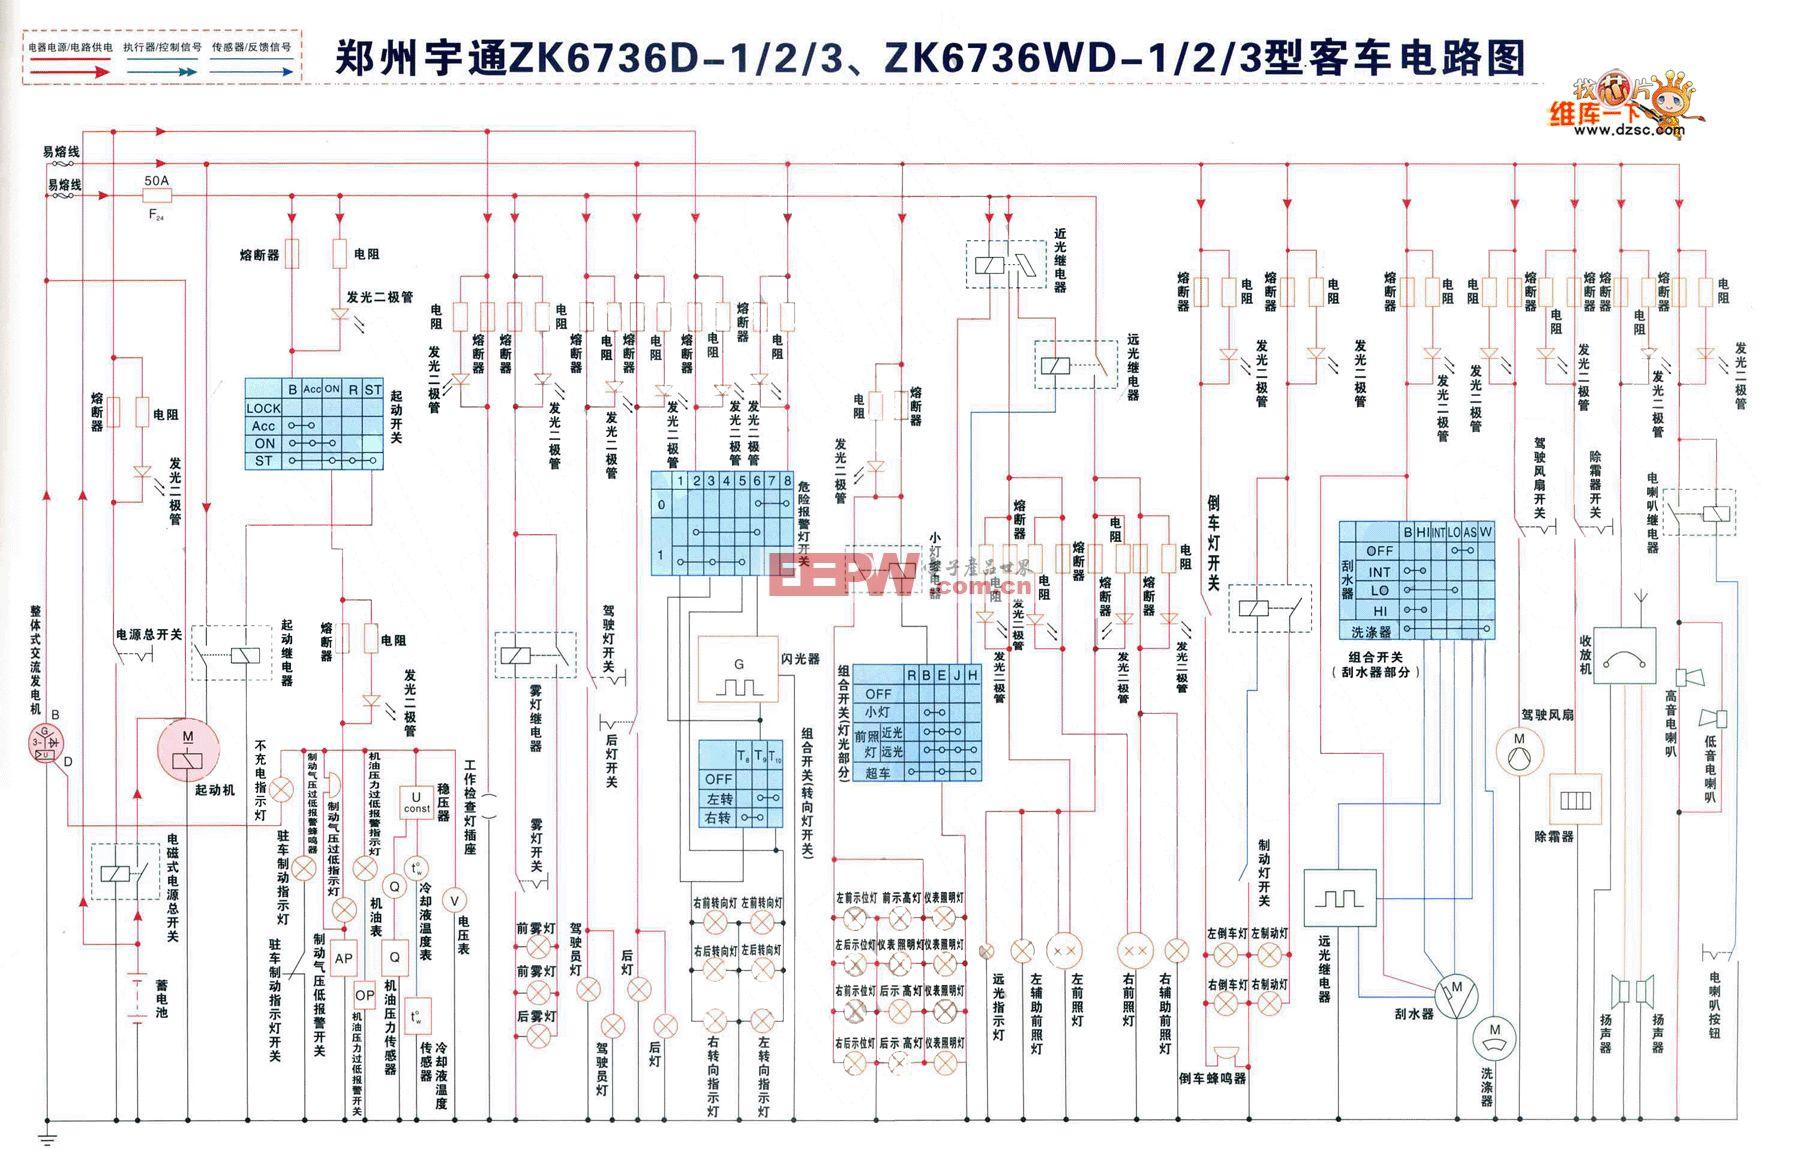 郑州宇通ZK6736D-1、2、3、ZK6736WD-1、2、3型客车电路图